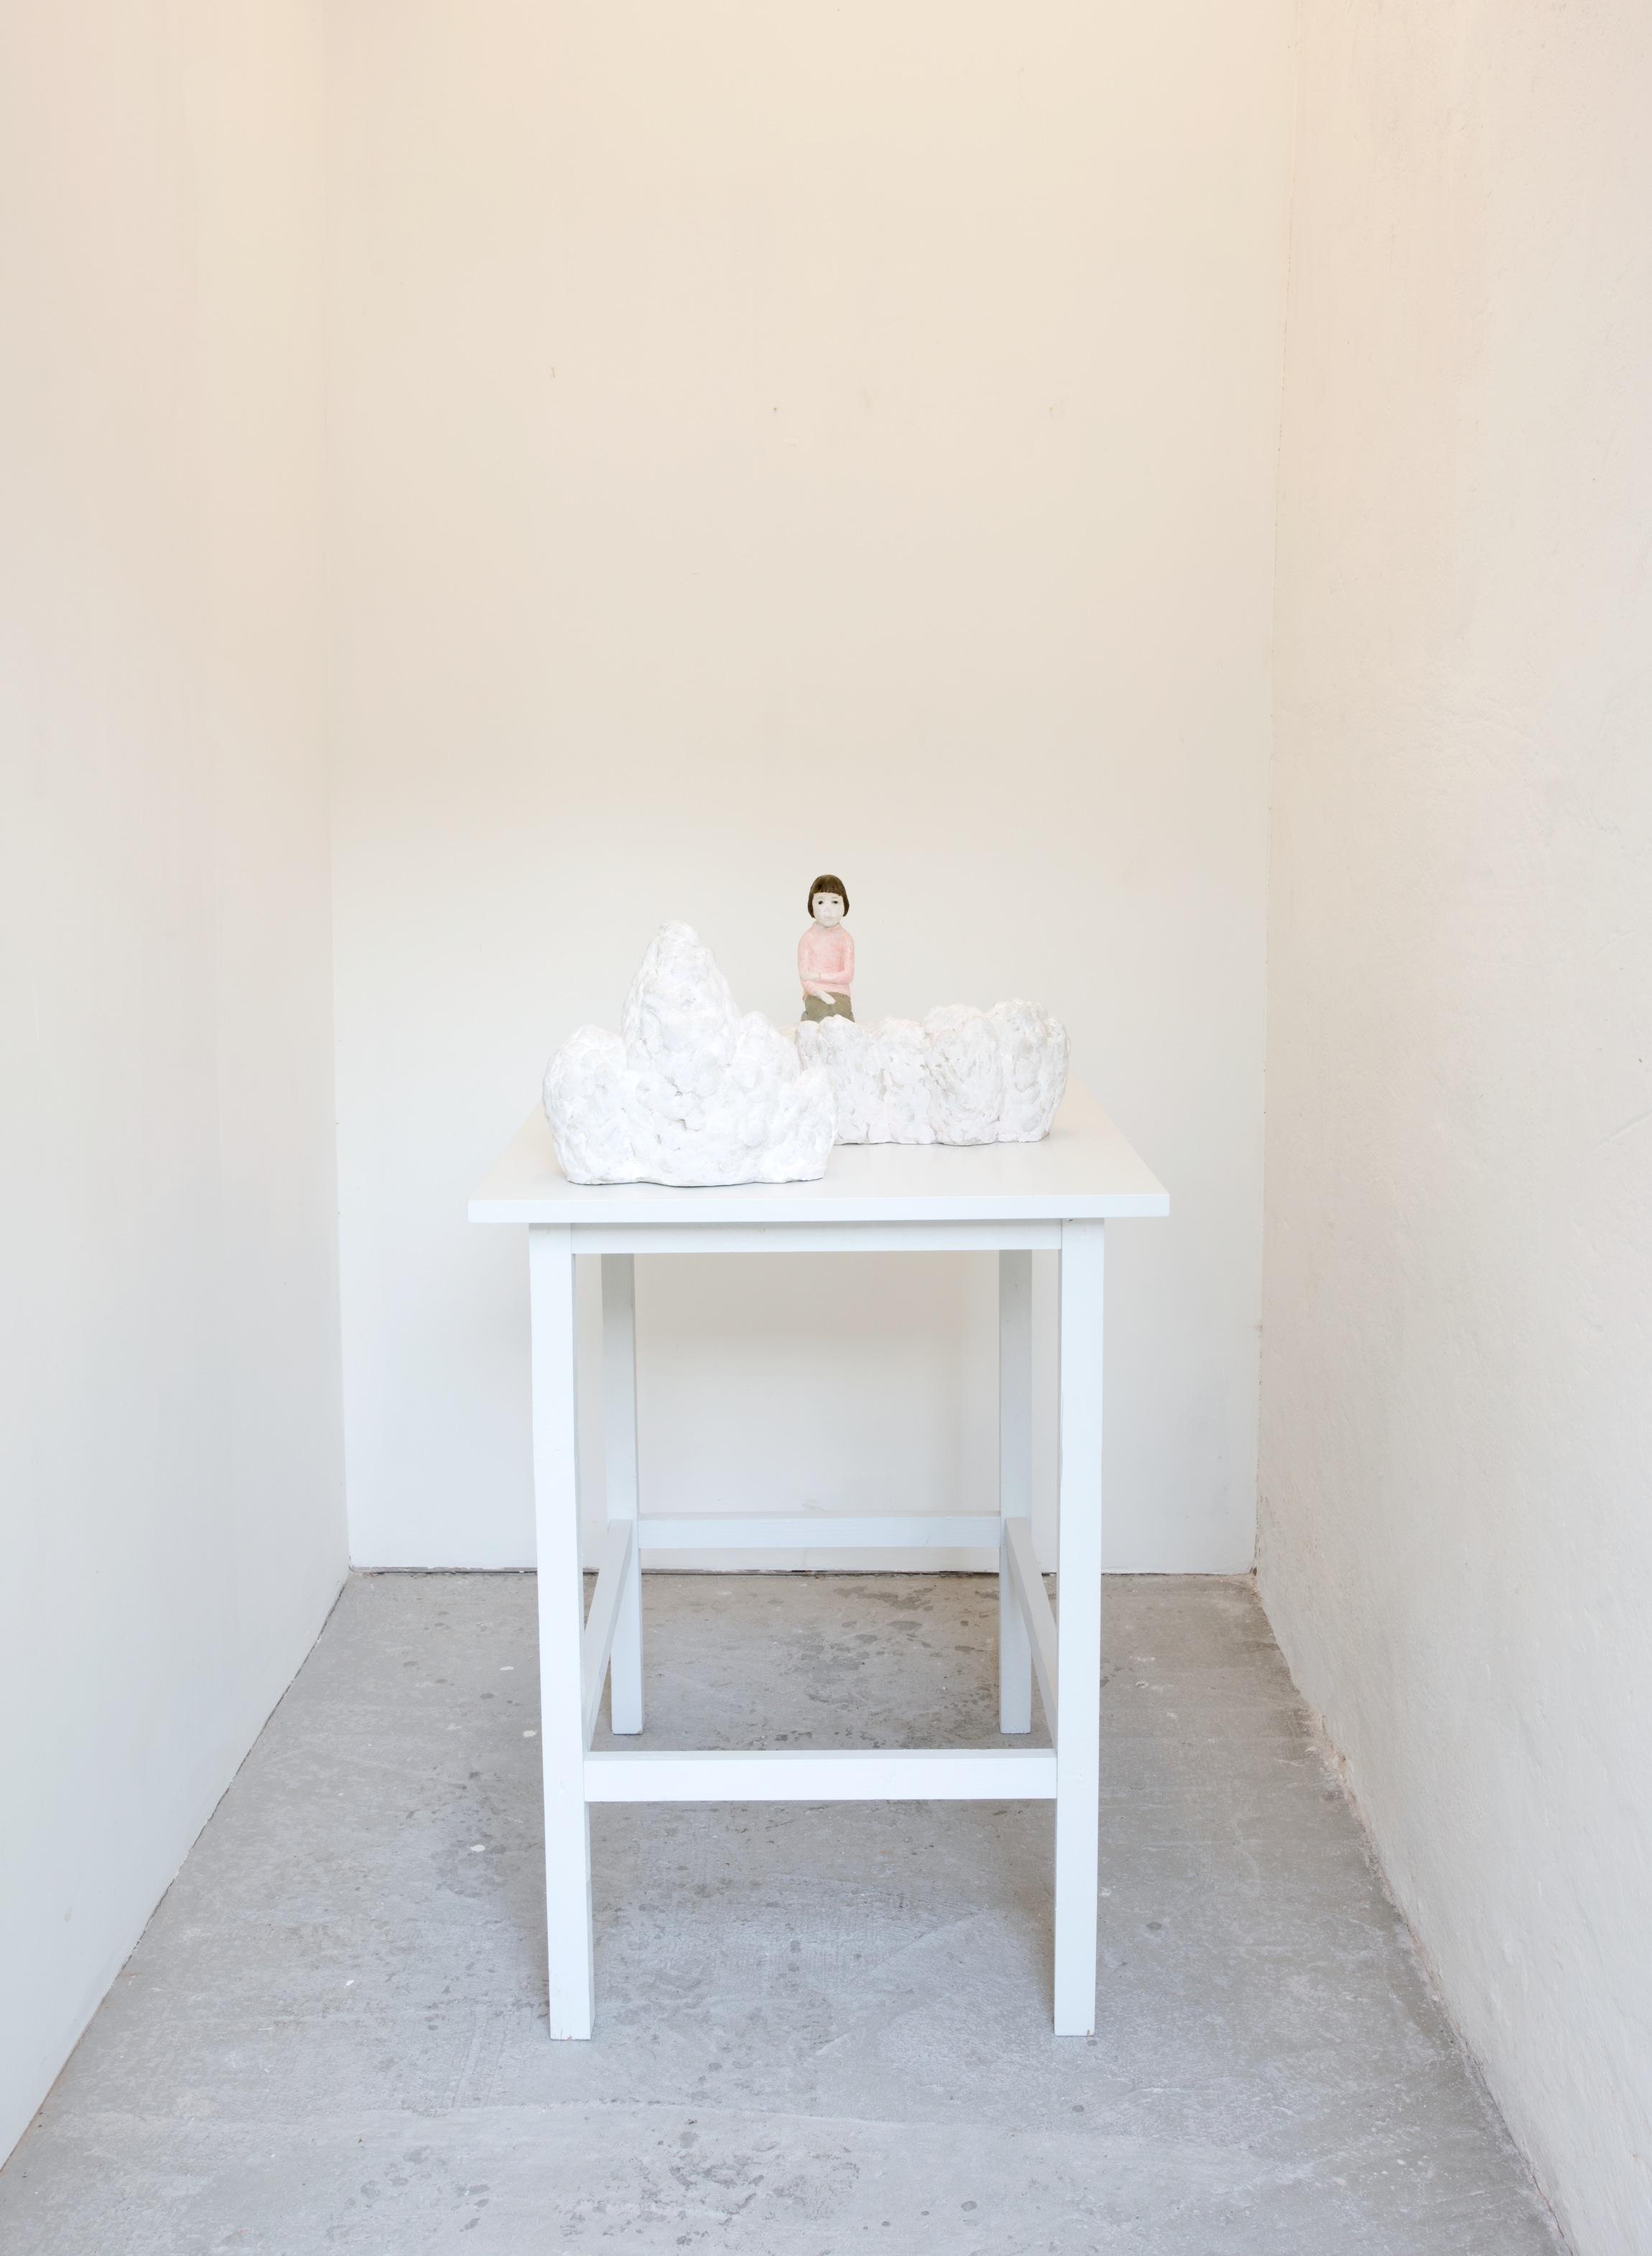 - Bianca Maria BarmenBianca Maria har flera gånger tidigare visat sina verk på galleriet i Östra Karup. Hennes grundmaterial är lera, men figurerna gjuts sedan i gips eller brons. Ofta placerar hon sina skulpturer på ett bord eller en platta som blir det rum där figurerna kan samtala med varandra. I skulpturen Och där bortom, sitter en ensam pojkflicka – eller en flickpojke - i mynningen av ett floddelta. Blicken är obestämd, är det utåt eller inåt hon ser? Den meditativa stämningen förstärks av den vita färgen som är karaktäristisk för Barmens verk. Det är poetiskt och hemlighetsfullt. Barmens figurer lämnar stort utrymme åt betraktaren.Bianca Maria Barmen är född i Malmö 1960. Hon utbildades på Konglige Danske Kunstakademin, Köpenhamn 1985 – 1992. Barmen har ställt ut flitigt i Sverige och internationellt och har gjort många offentliga utsmyckningar. Hon finns representerad på flera museer, i offentliga och privata samlingar.